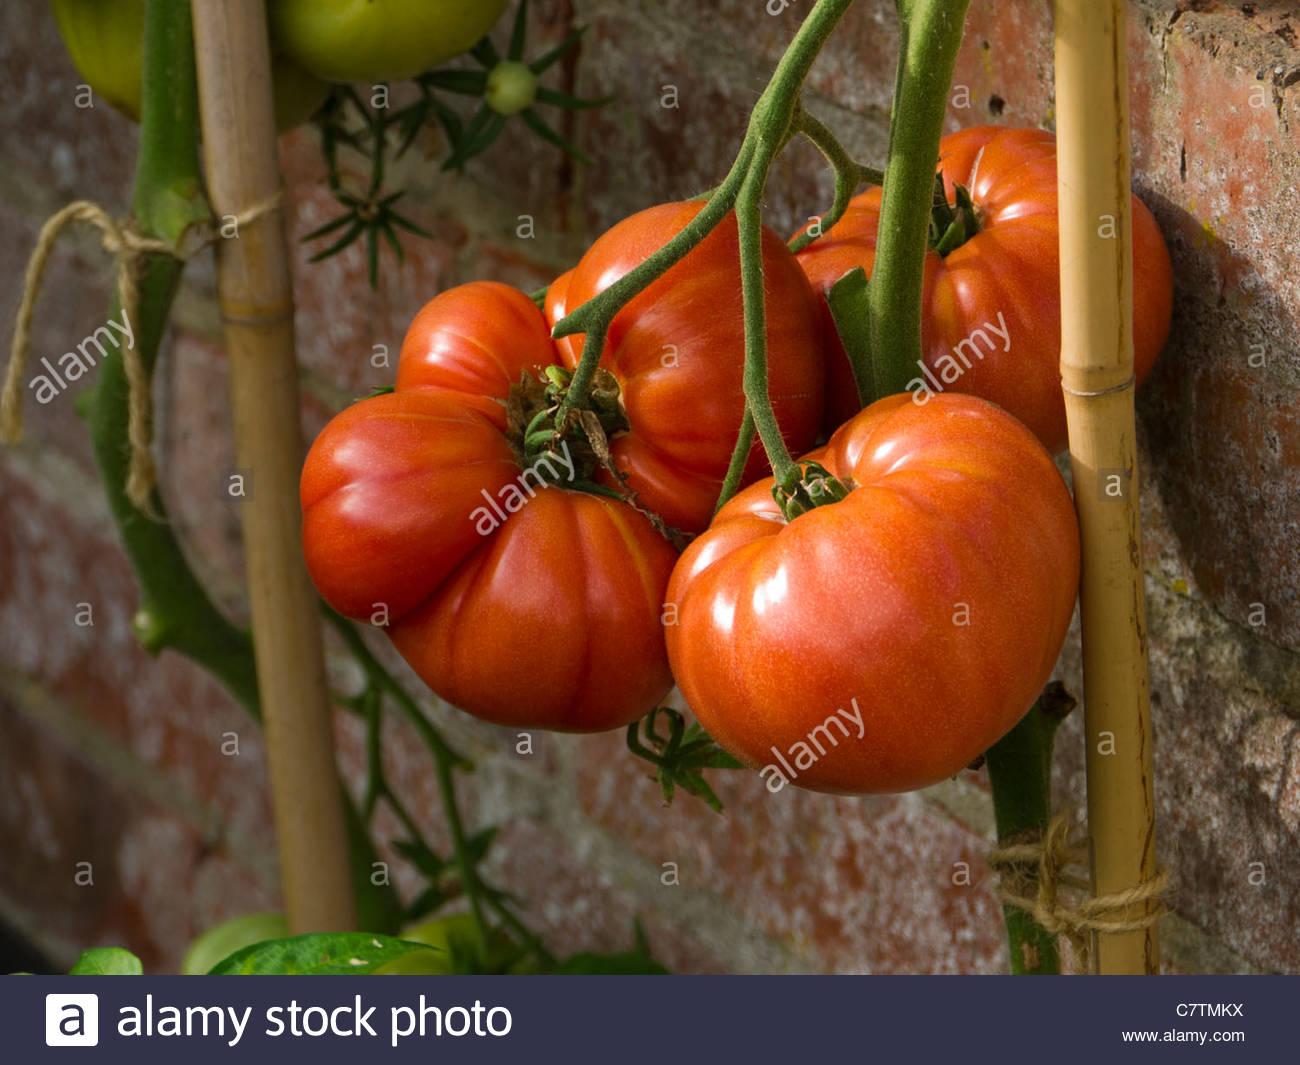 3 Giant Tomatoes Solanum lycopersicum - Stock Image